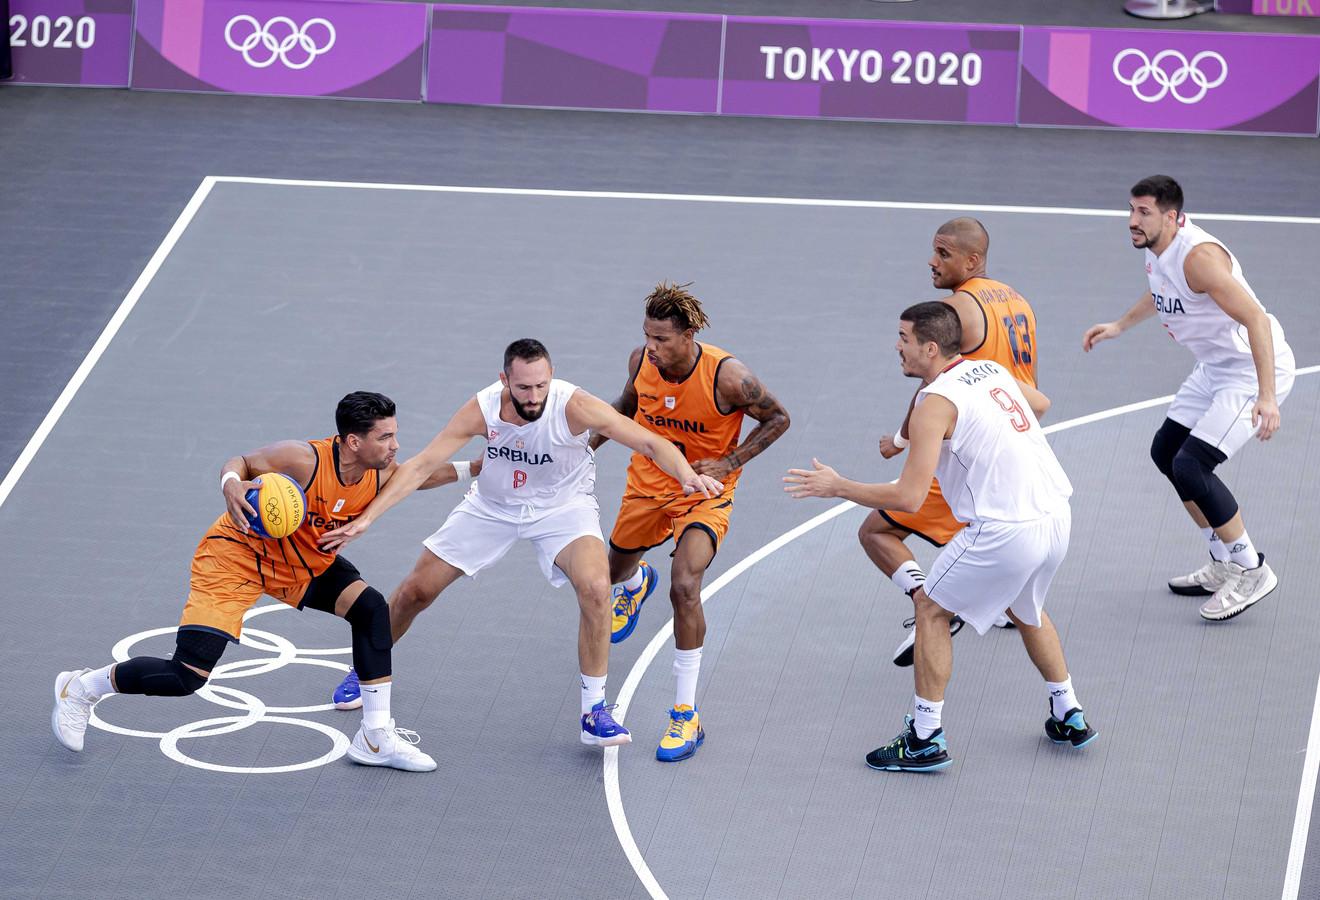 Arvin Slagter, Jessey Voorn en Dimeo van der Horst van Nederland in actie tijdens de 3x3 basketbalwedstrijd tegen Servie op de Olympische Spelen.